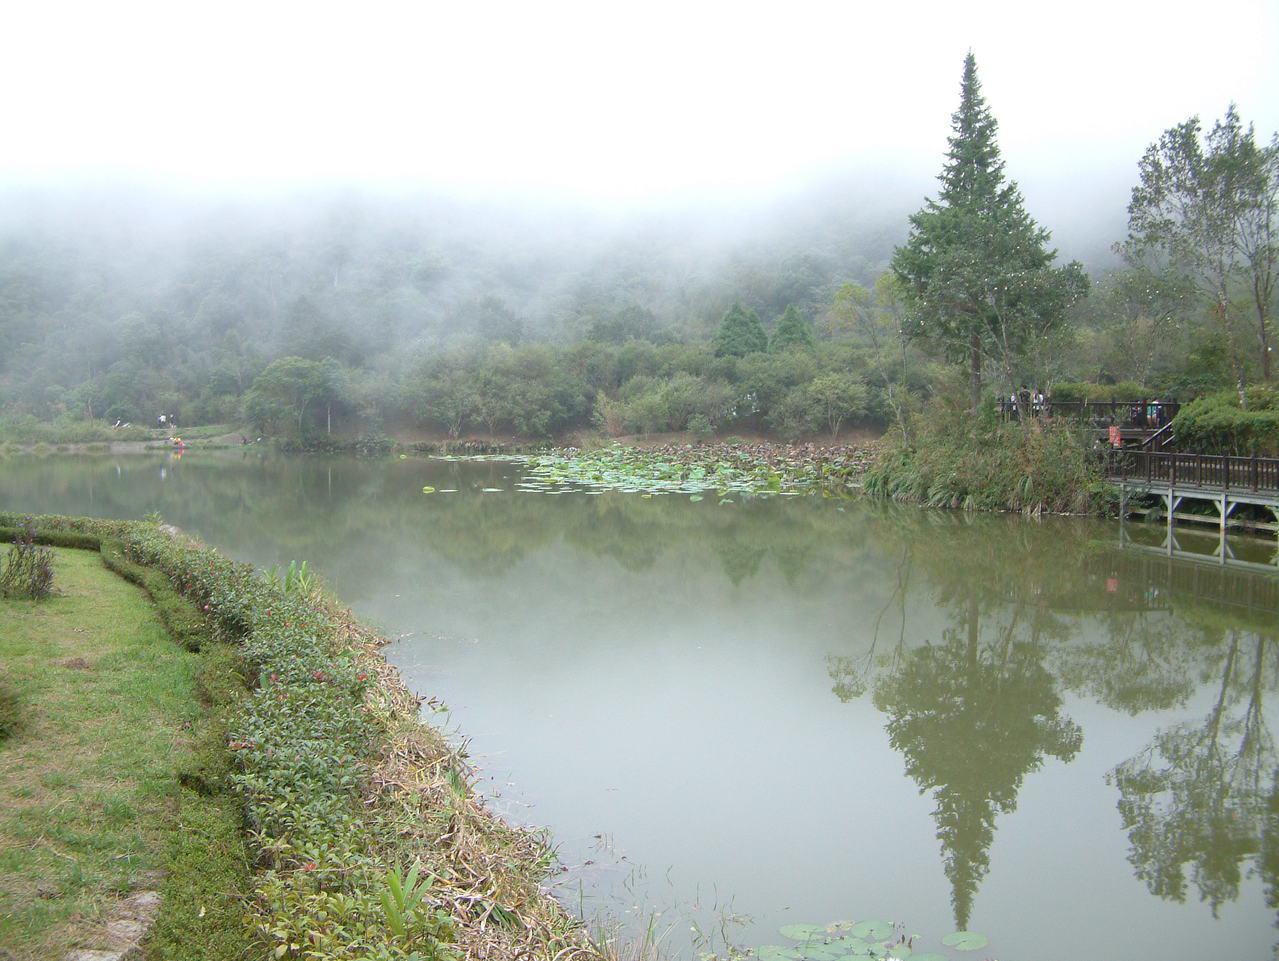 苗栗縣南庄鄉優美的向天湖是代表性景點之一。記者翁浩然/攝影